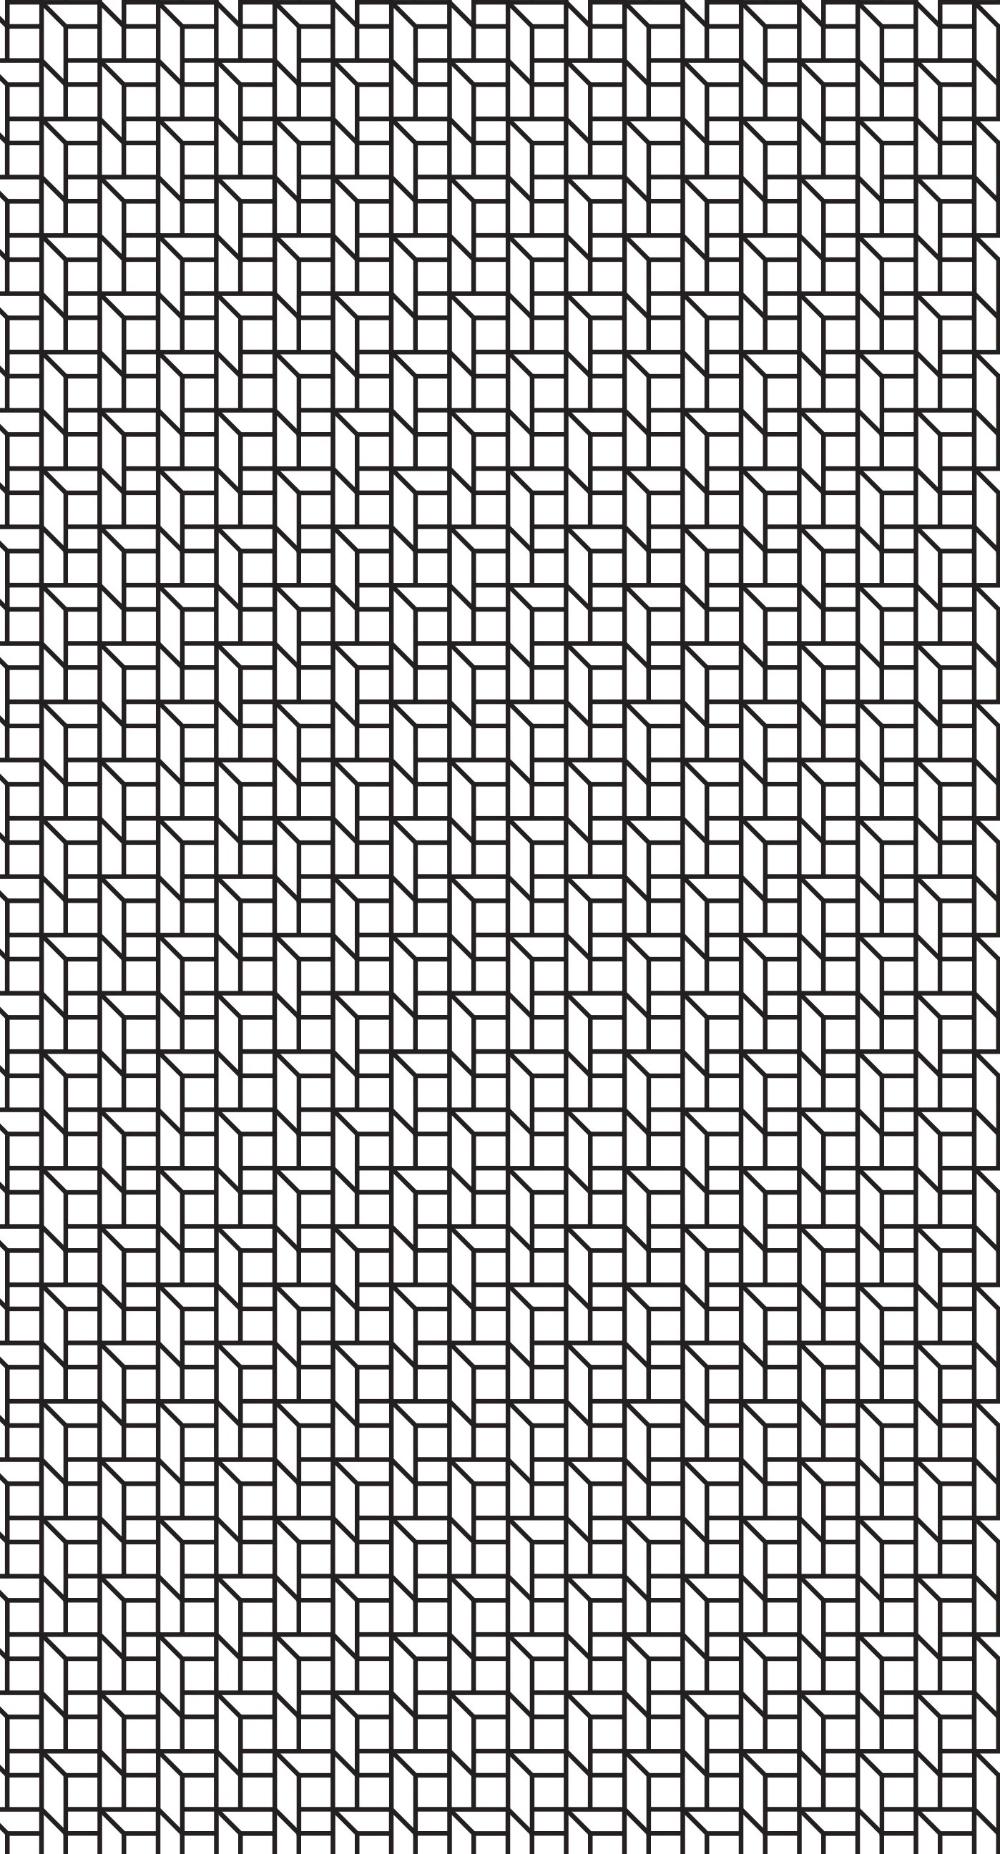 Aesthetic Wallpaper Kotak Kotak Hitam Putih Tumblr Allwallpaper In 2021 Aesthetic Wallpapers Purple Wallpaper Iphone Iphone Background Wallpaper